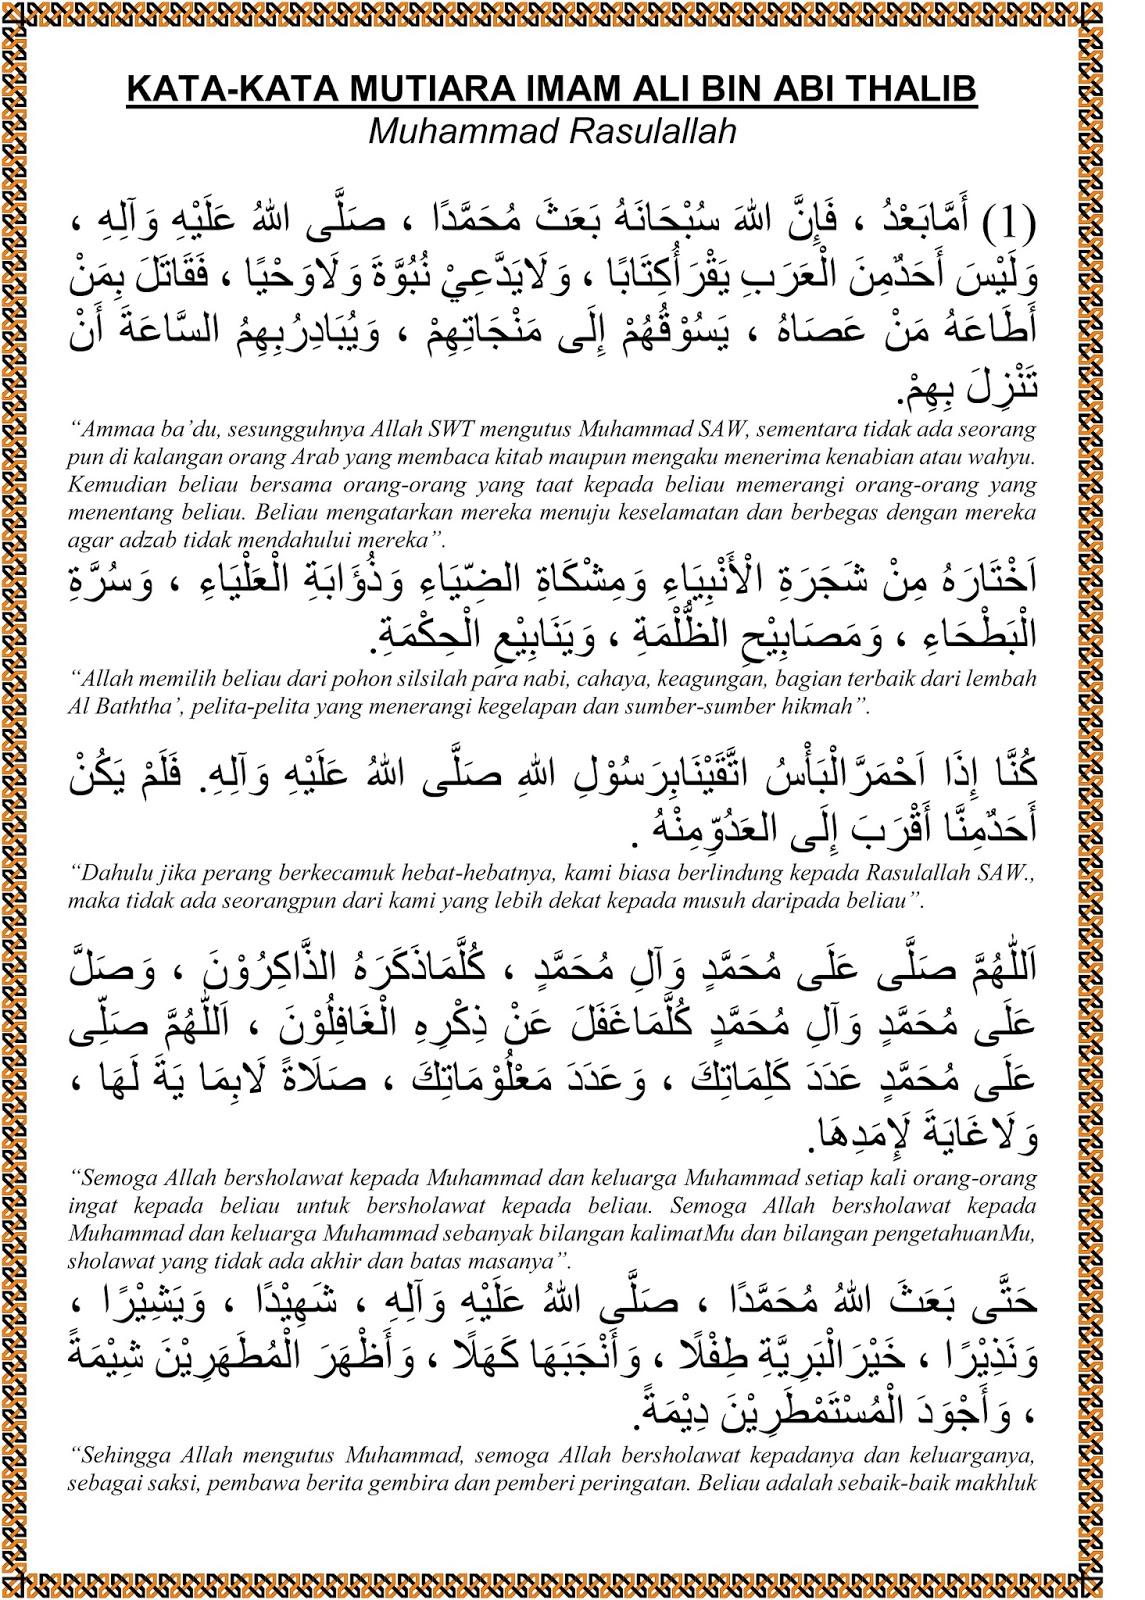 Muhammad Rasulallah Kata Kata Mutiara Imam Ali Bin Abi Thalib